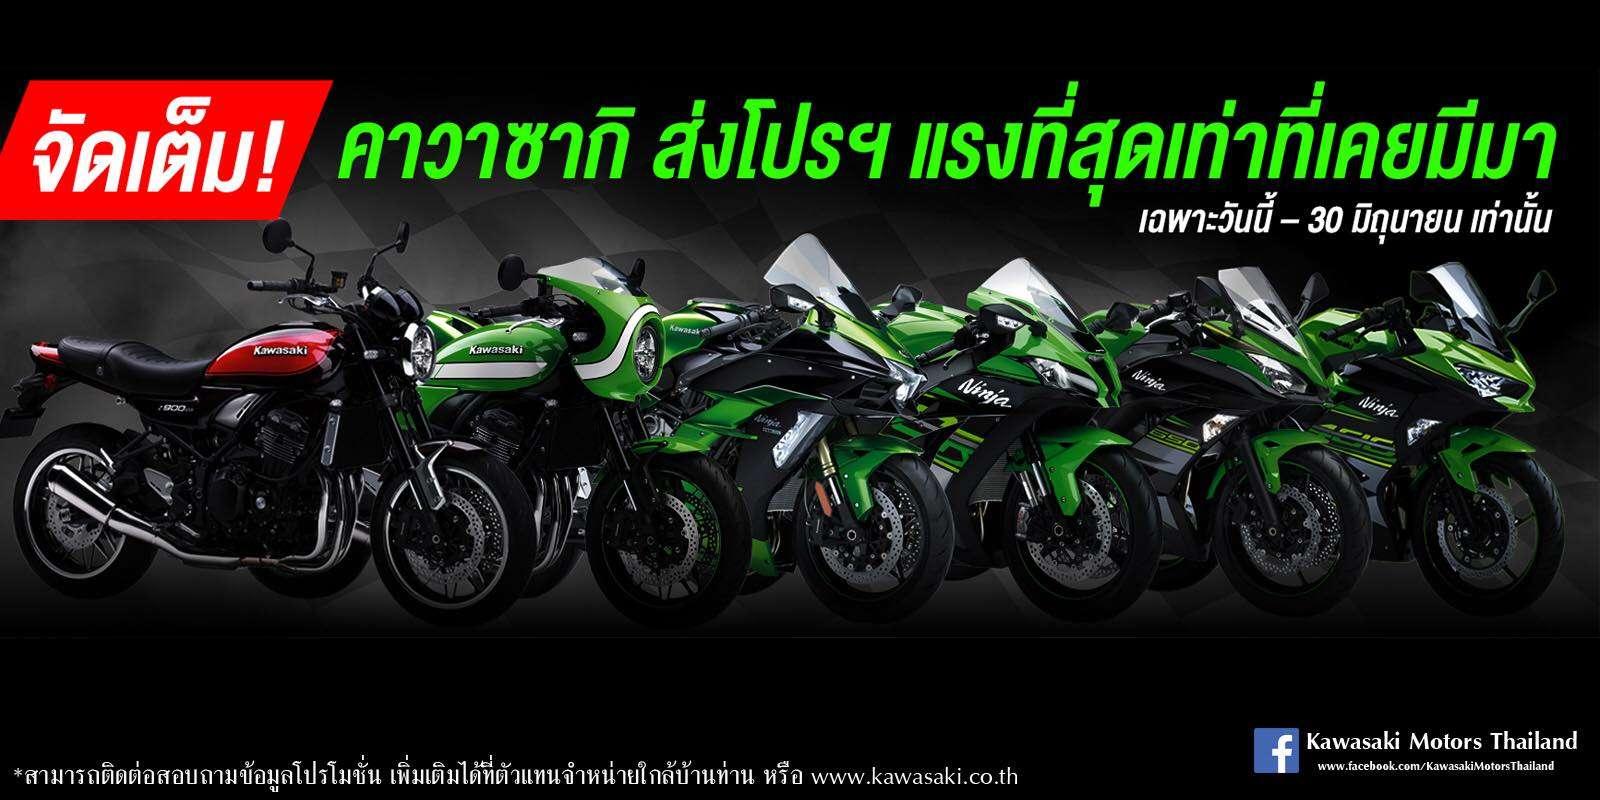 Kawasaki กระหน่ำโปรเเรง! ฉ่ำท้าหน้าฝน วันนี้ – 30 มิถุนายน เท่านั้น - Webike Thailand